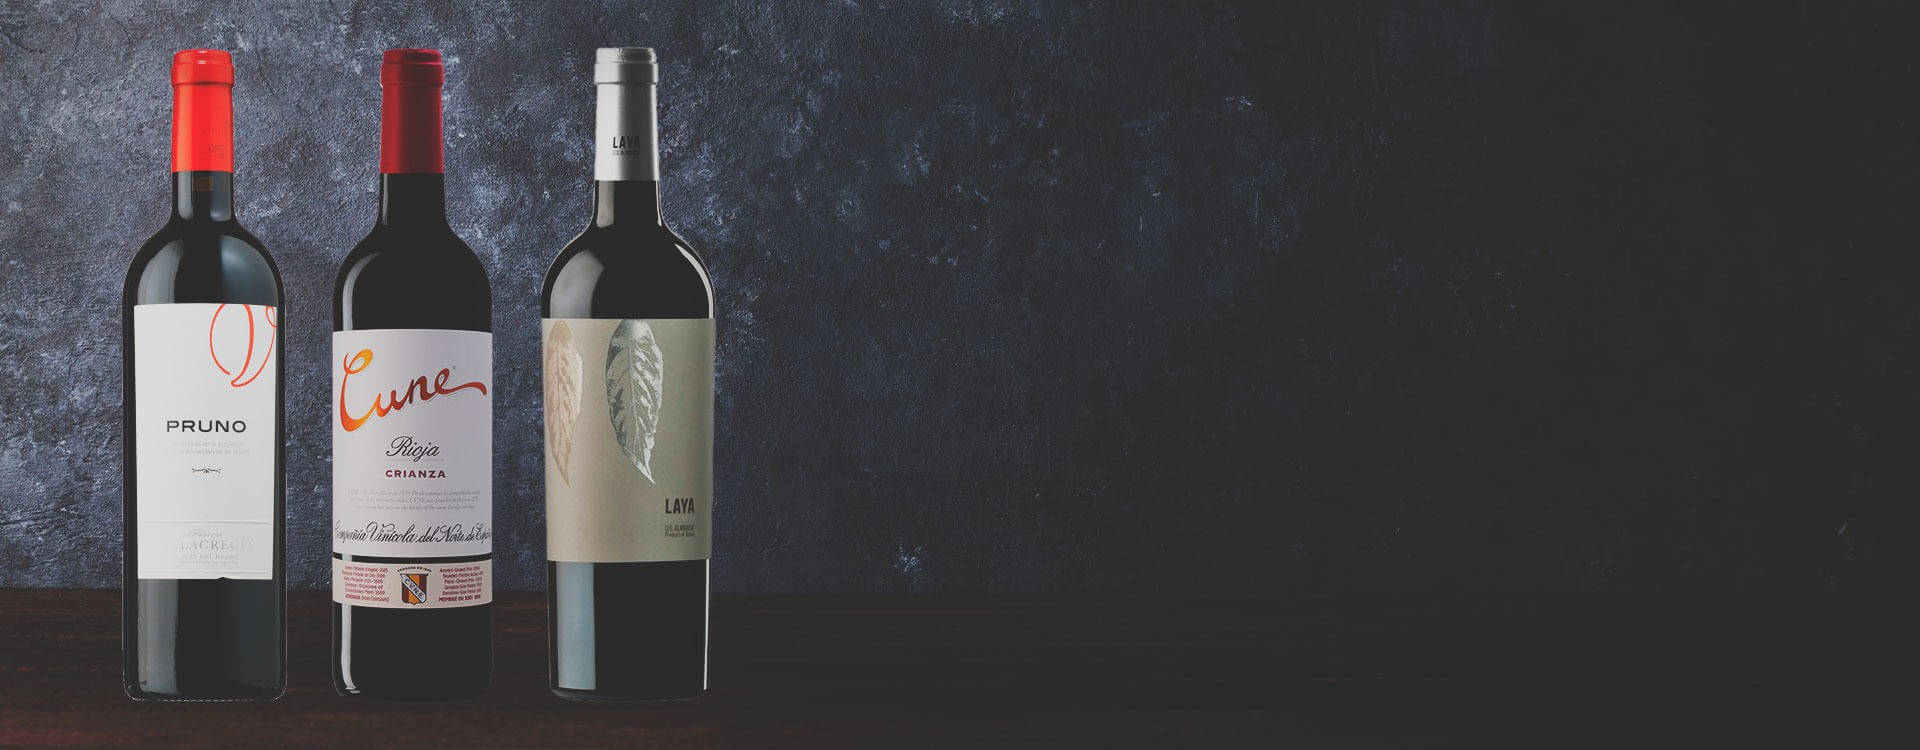 Los mejores vinos al mejor precio